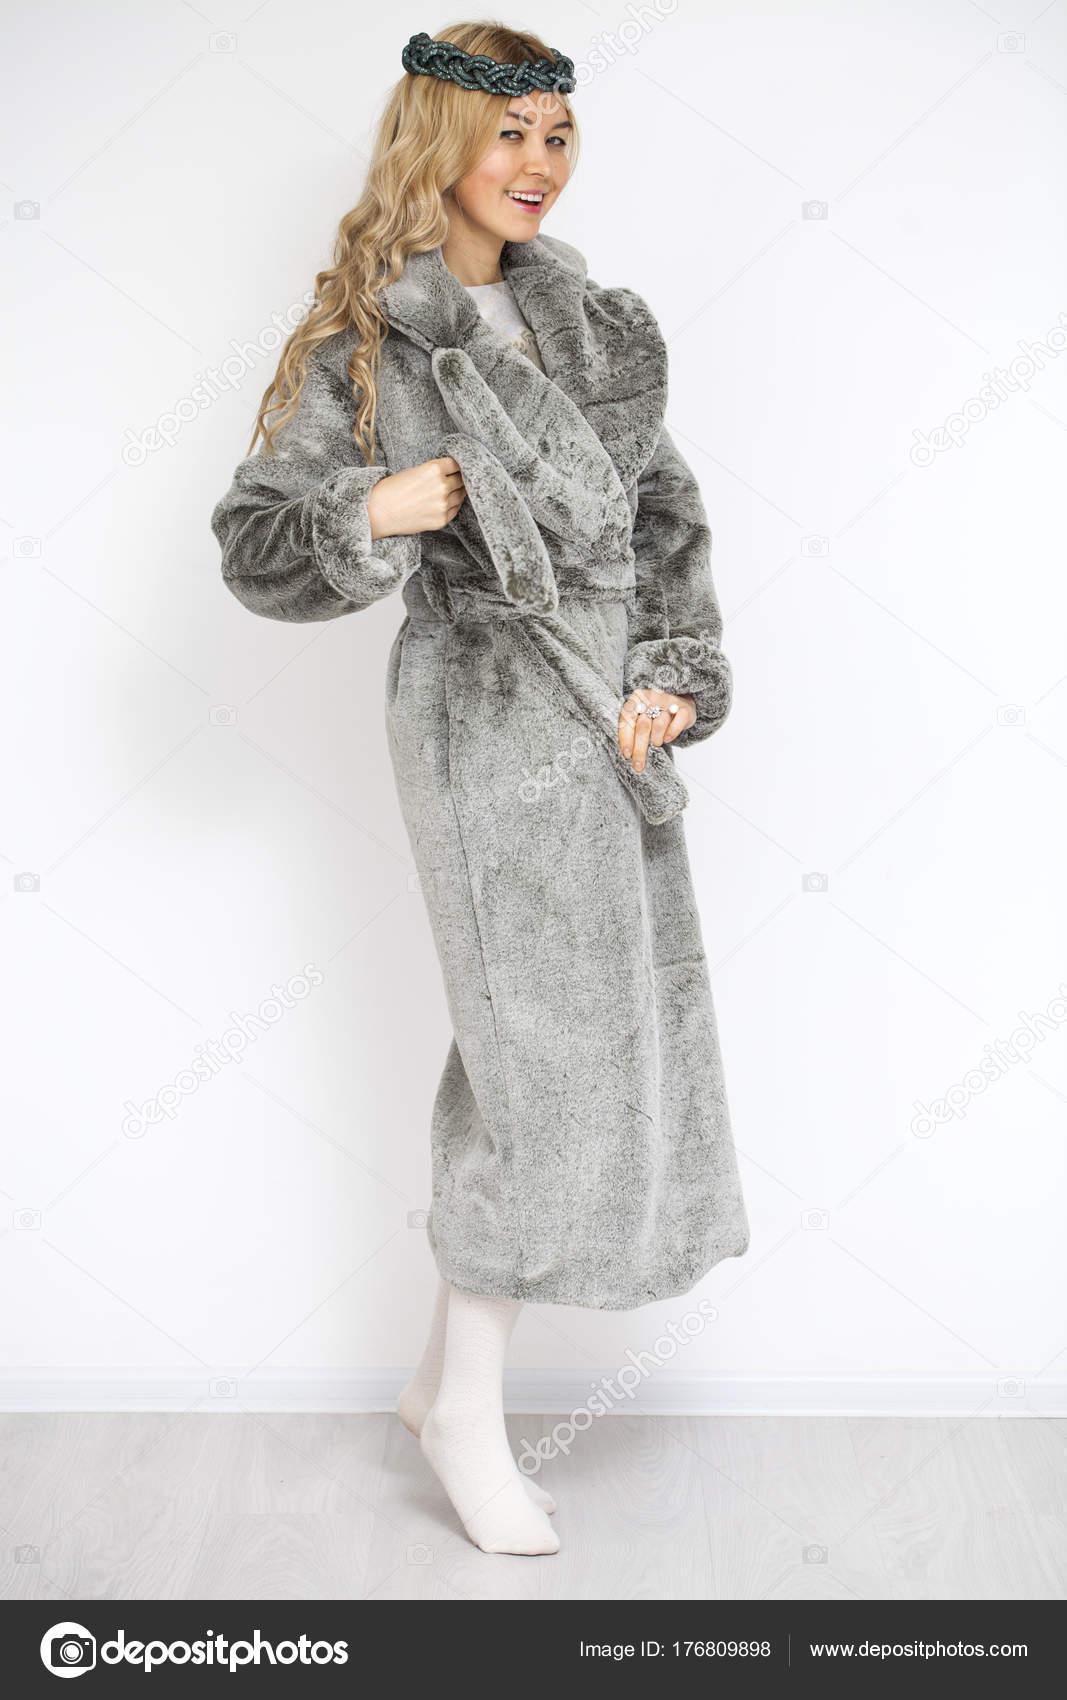 Abrigo de paСЂС–РІВ±o gris